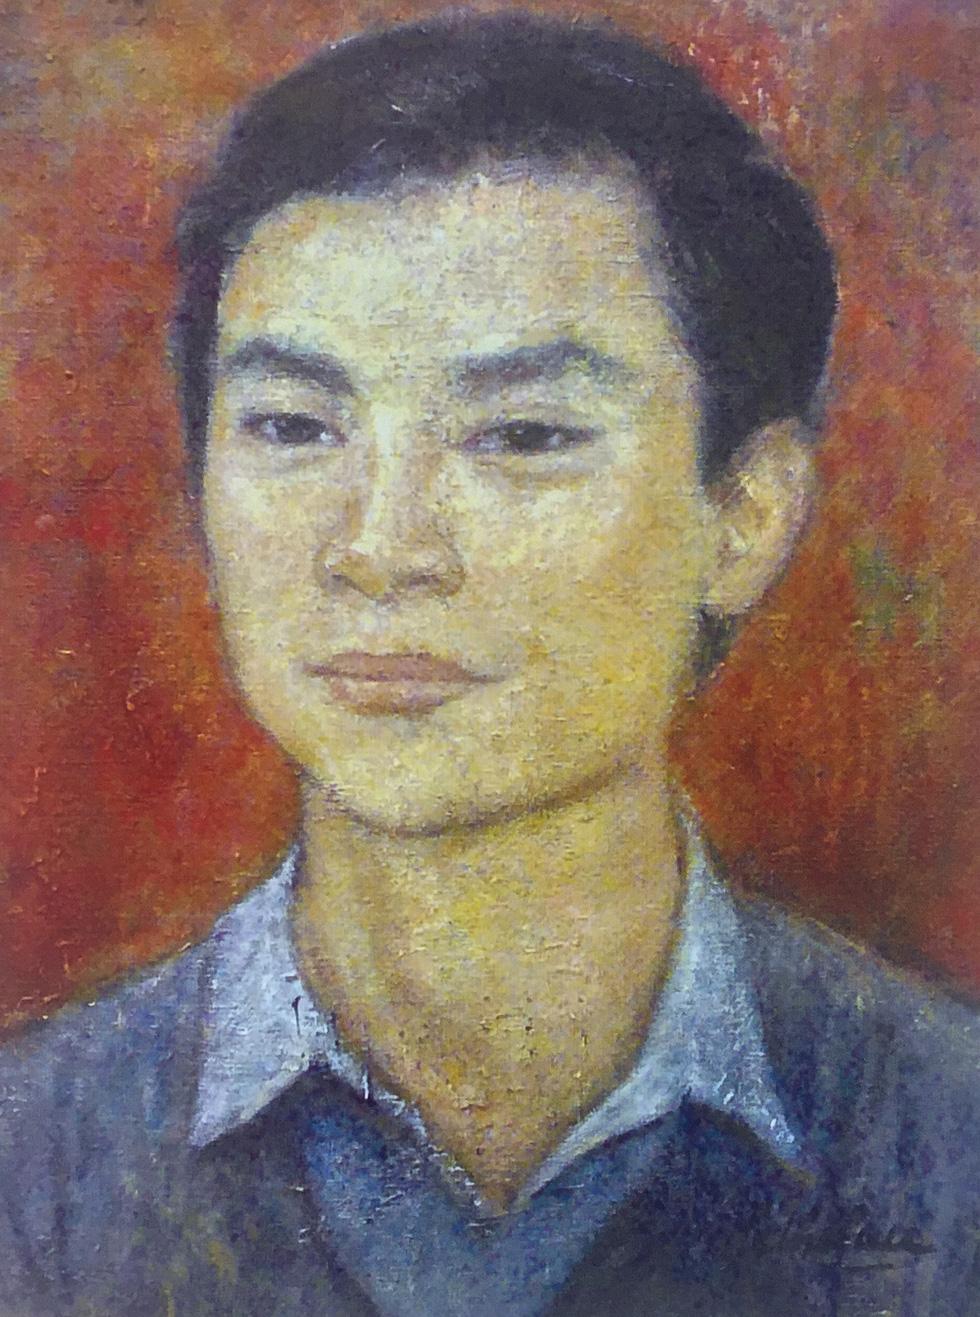 Đón 26 tác phẩm của họa sĩ Lê Thị Lựu tại triển lãm Ấn tượng hoàng hôn - Ảnh 6.